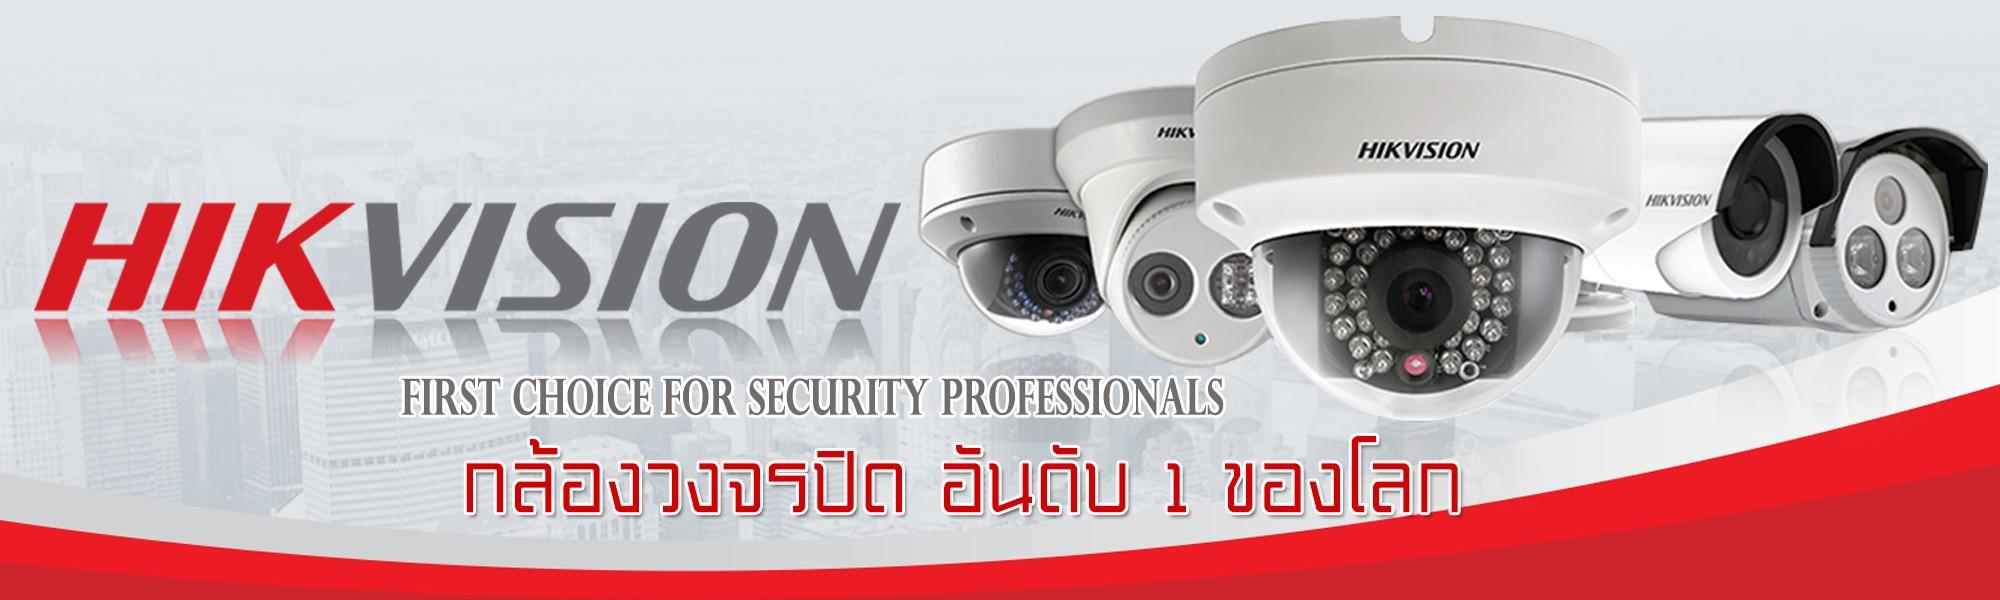 ระบบกล้องวงจรปิด CCTV